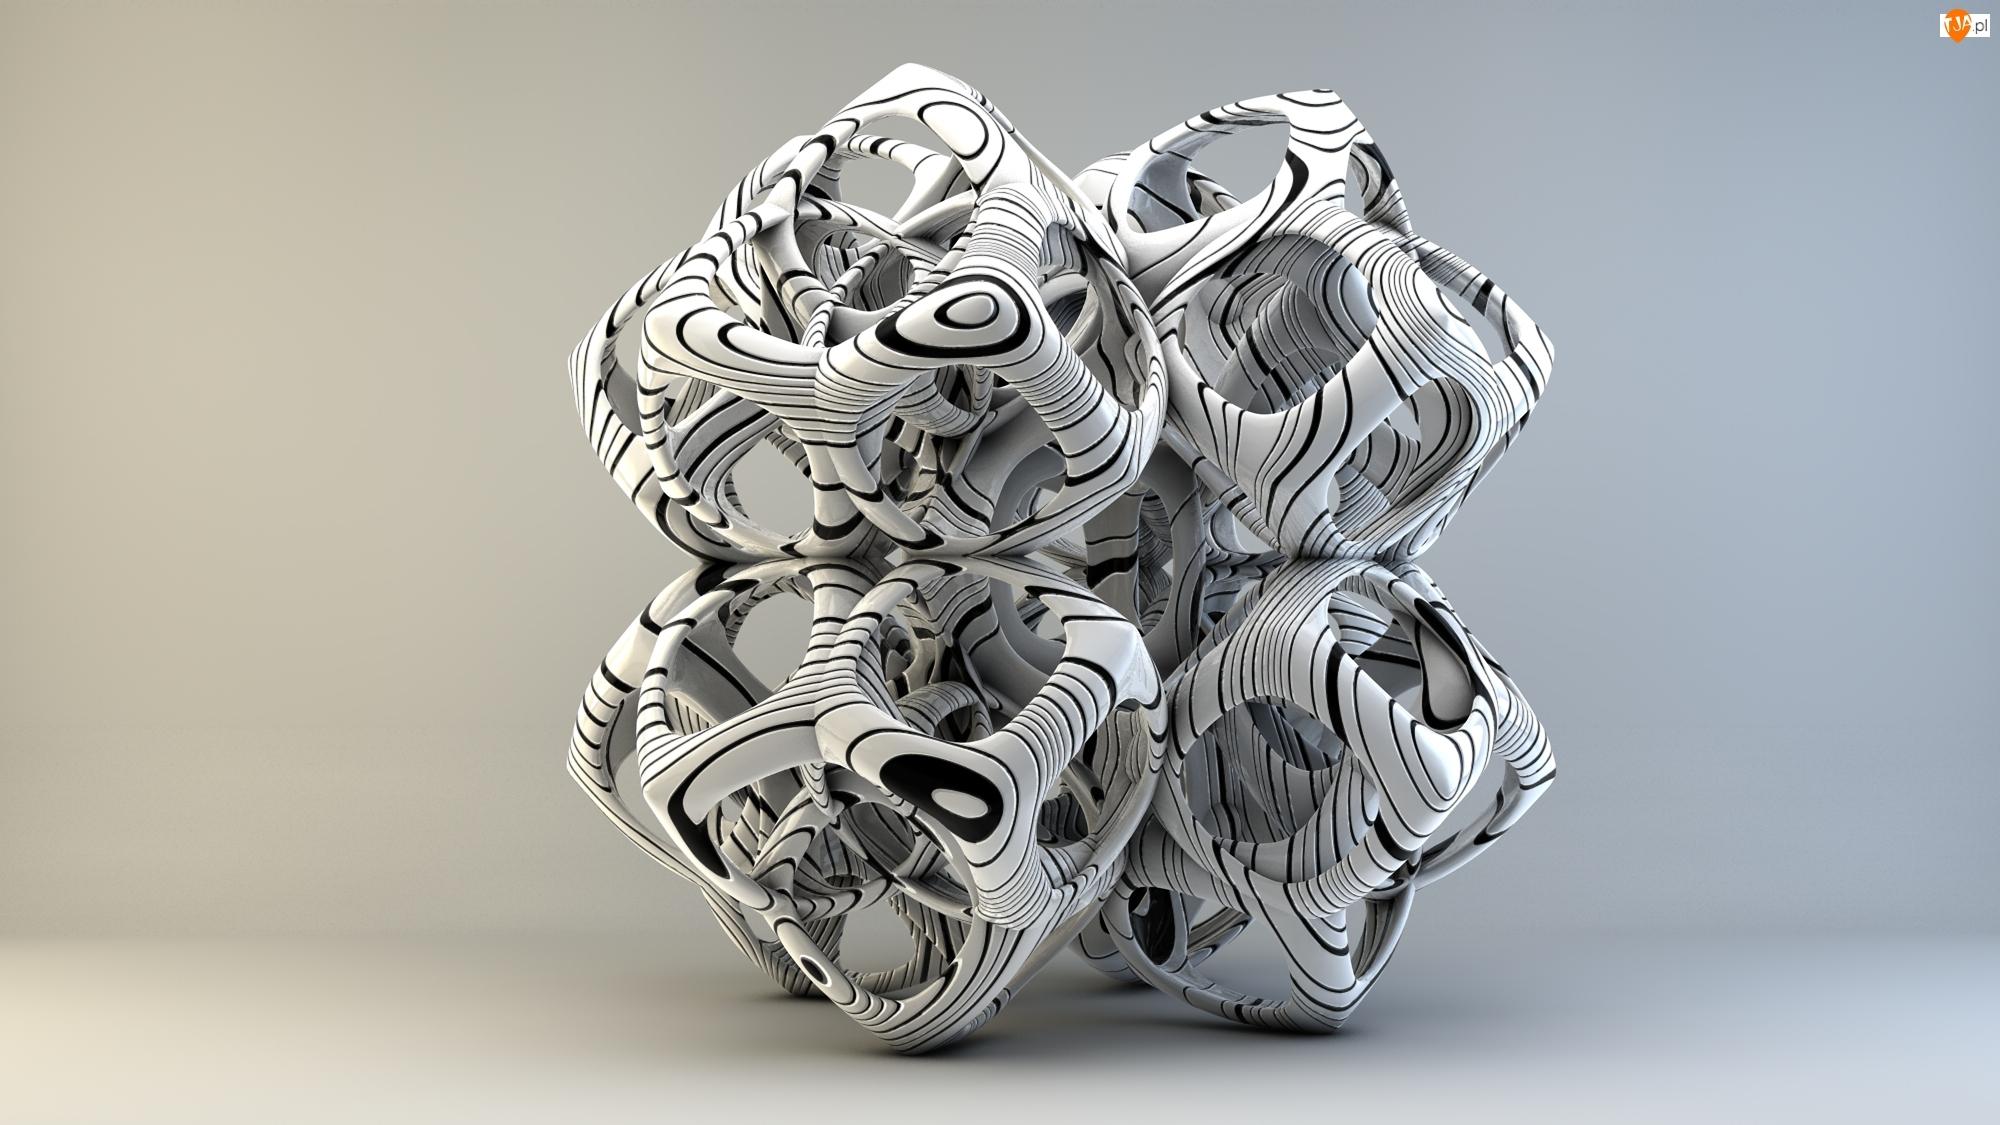 Grafika 3D, Kostka, Wektorowa, Biało-czarna